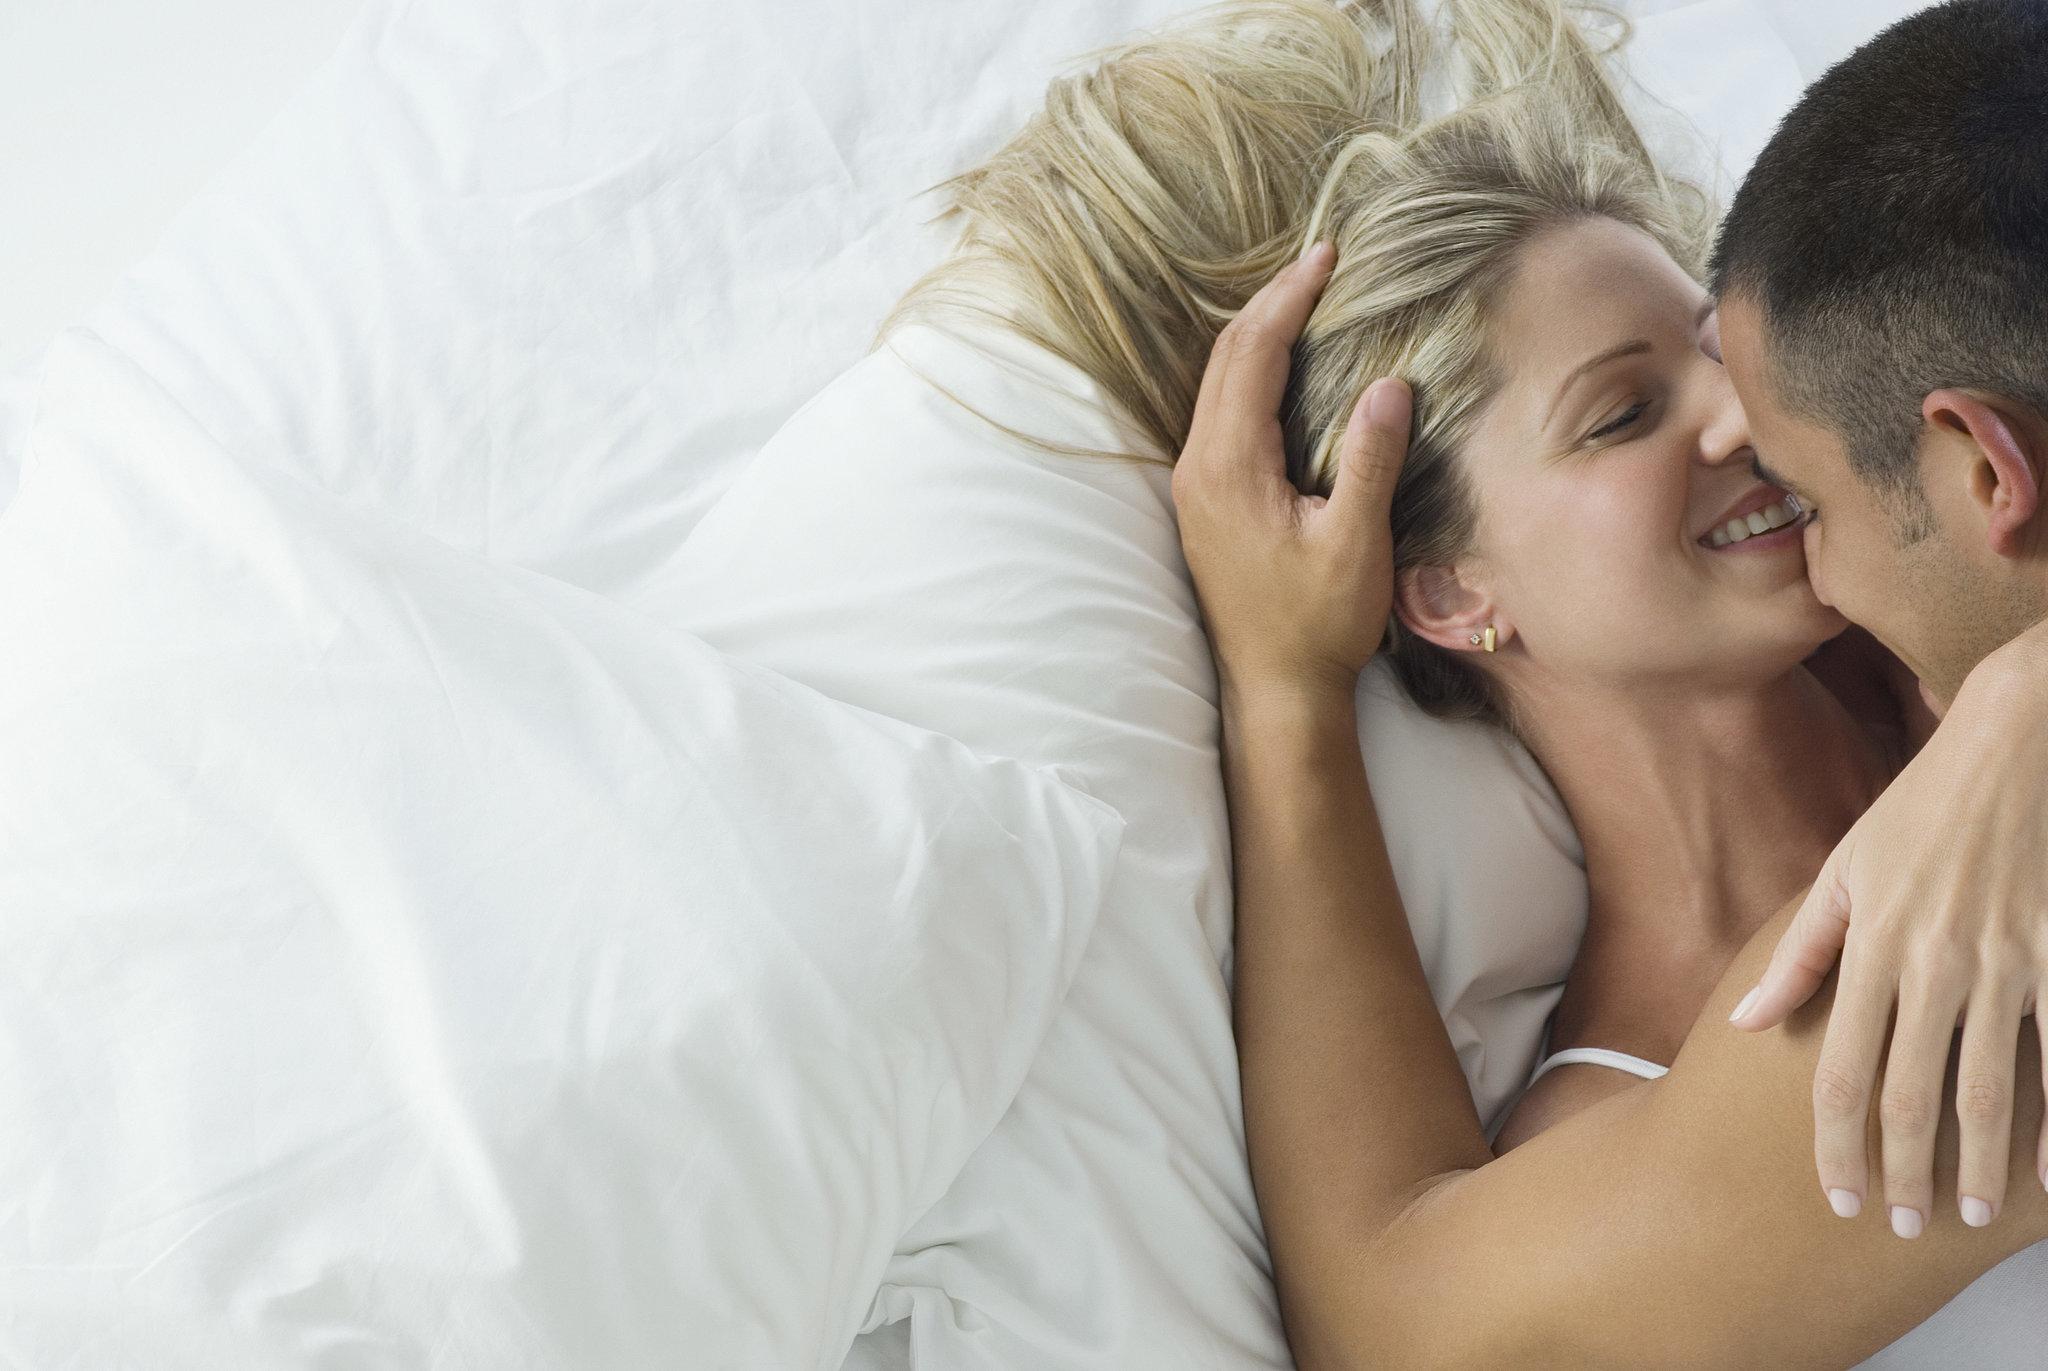 Сексуальное влечения у мужчин по годам 22 фотография